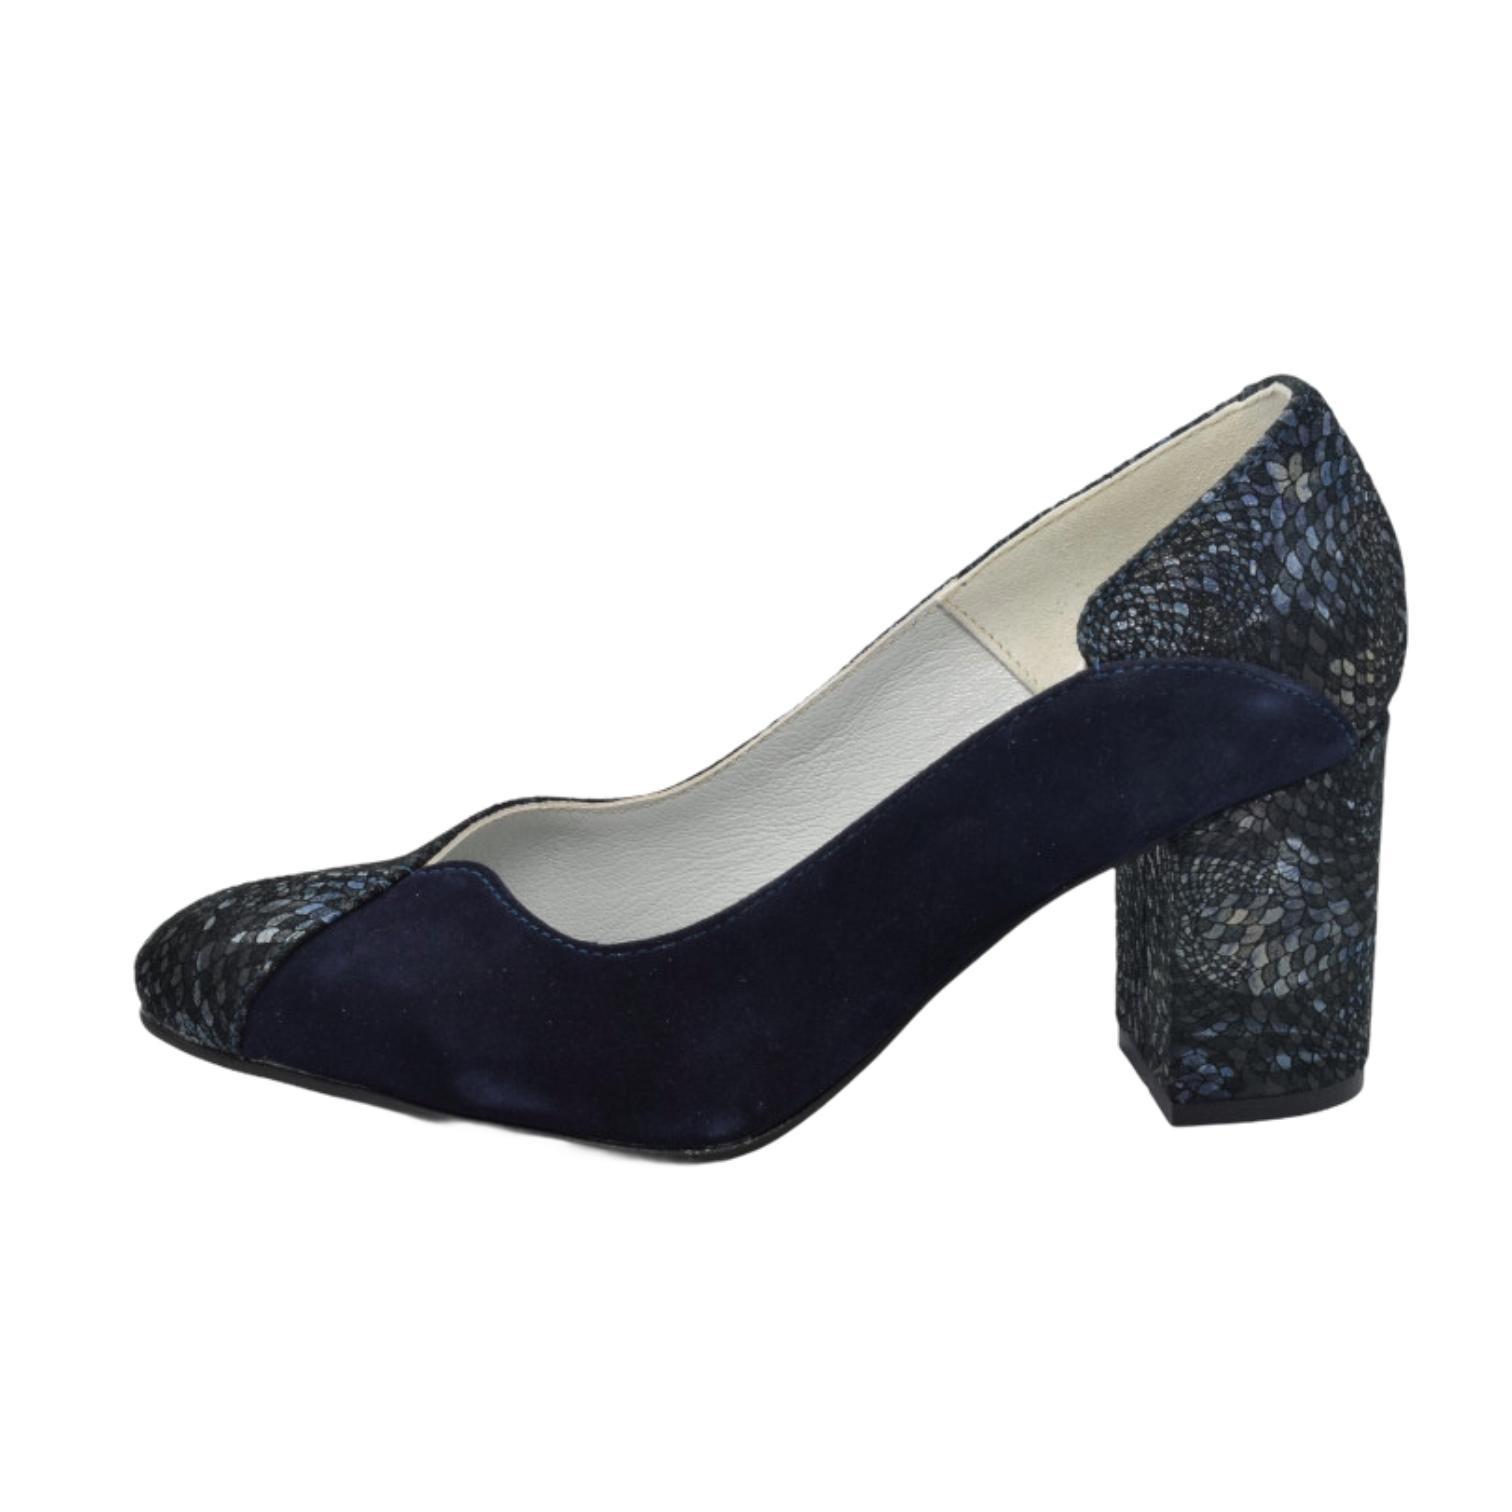 Pantofi bleumarin cu model abstract